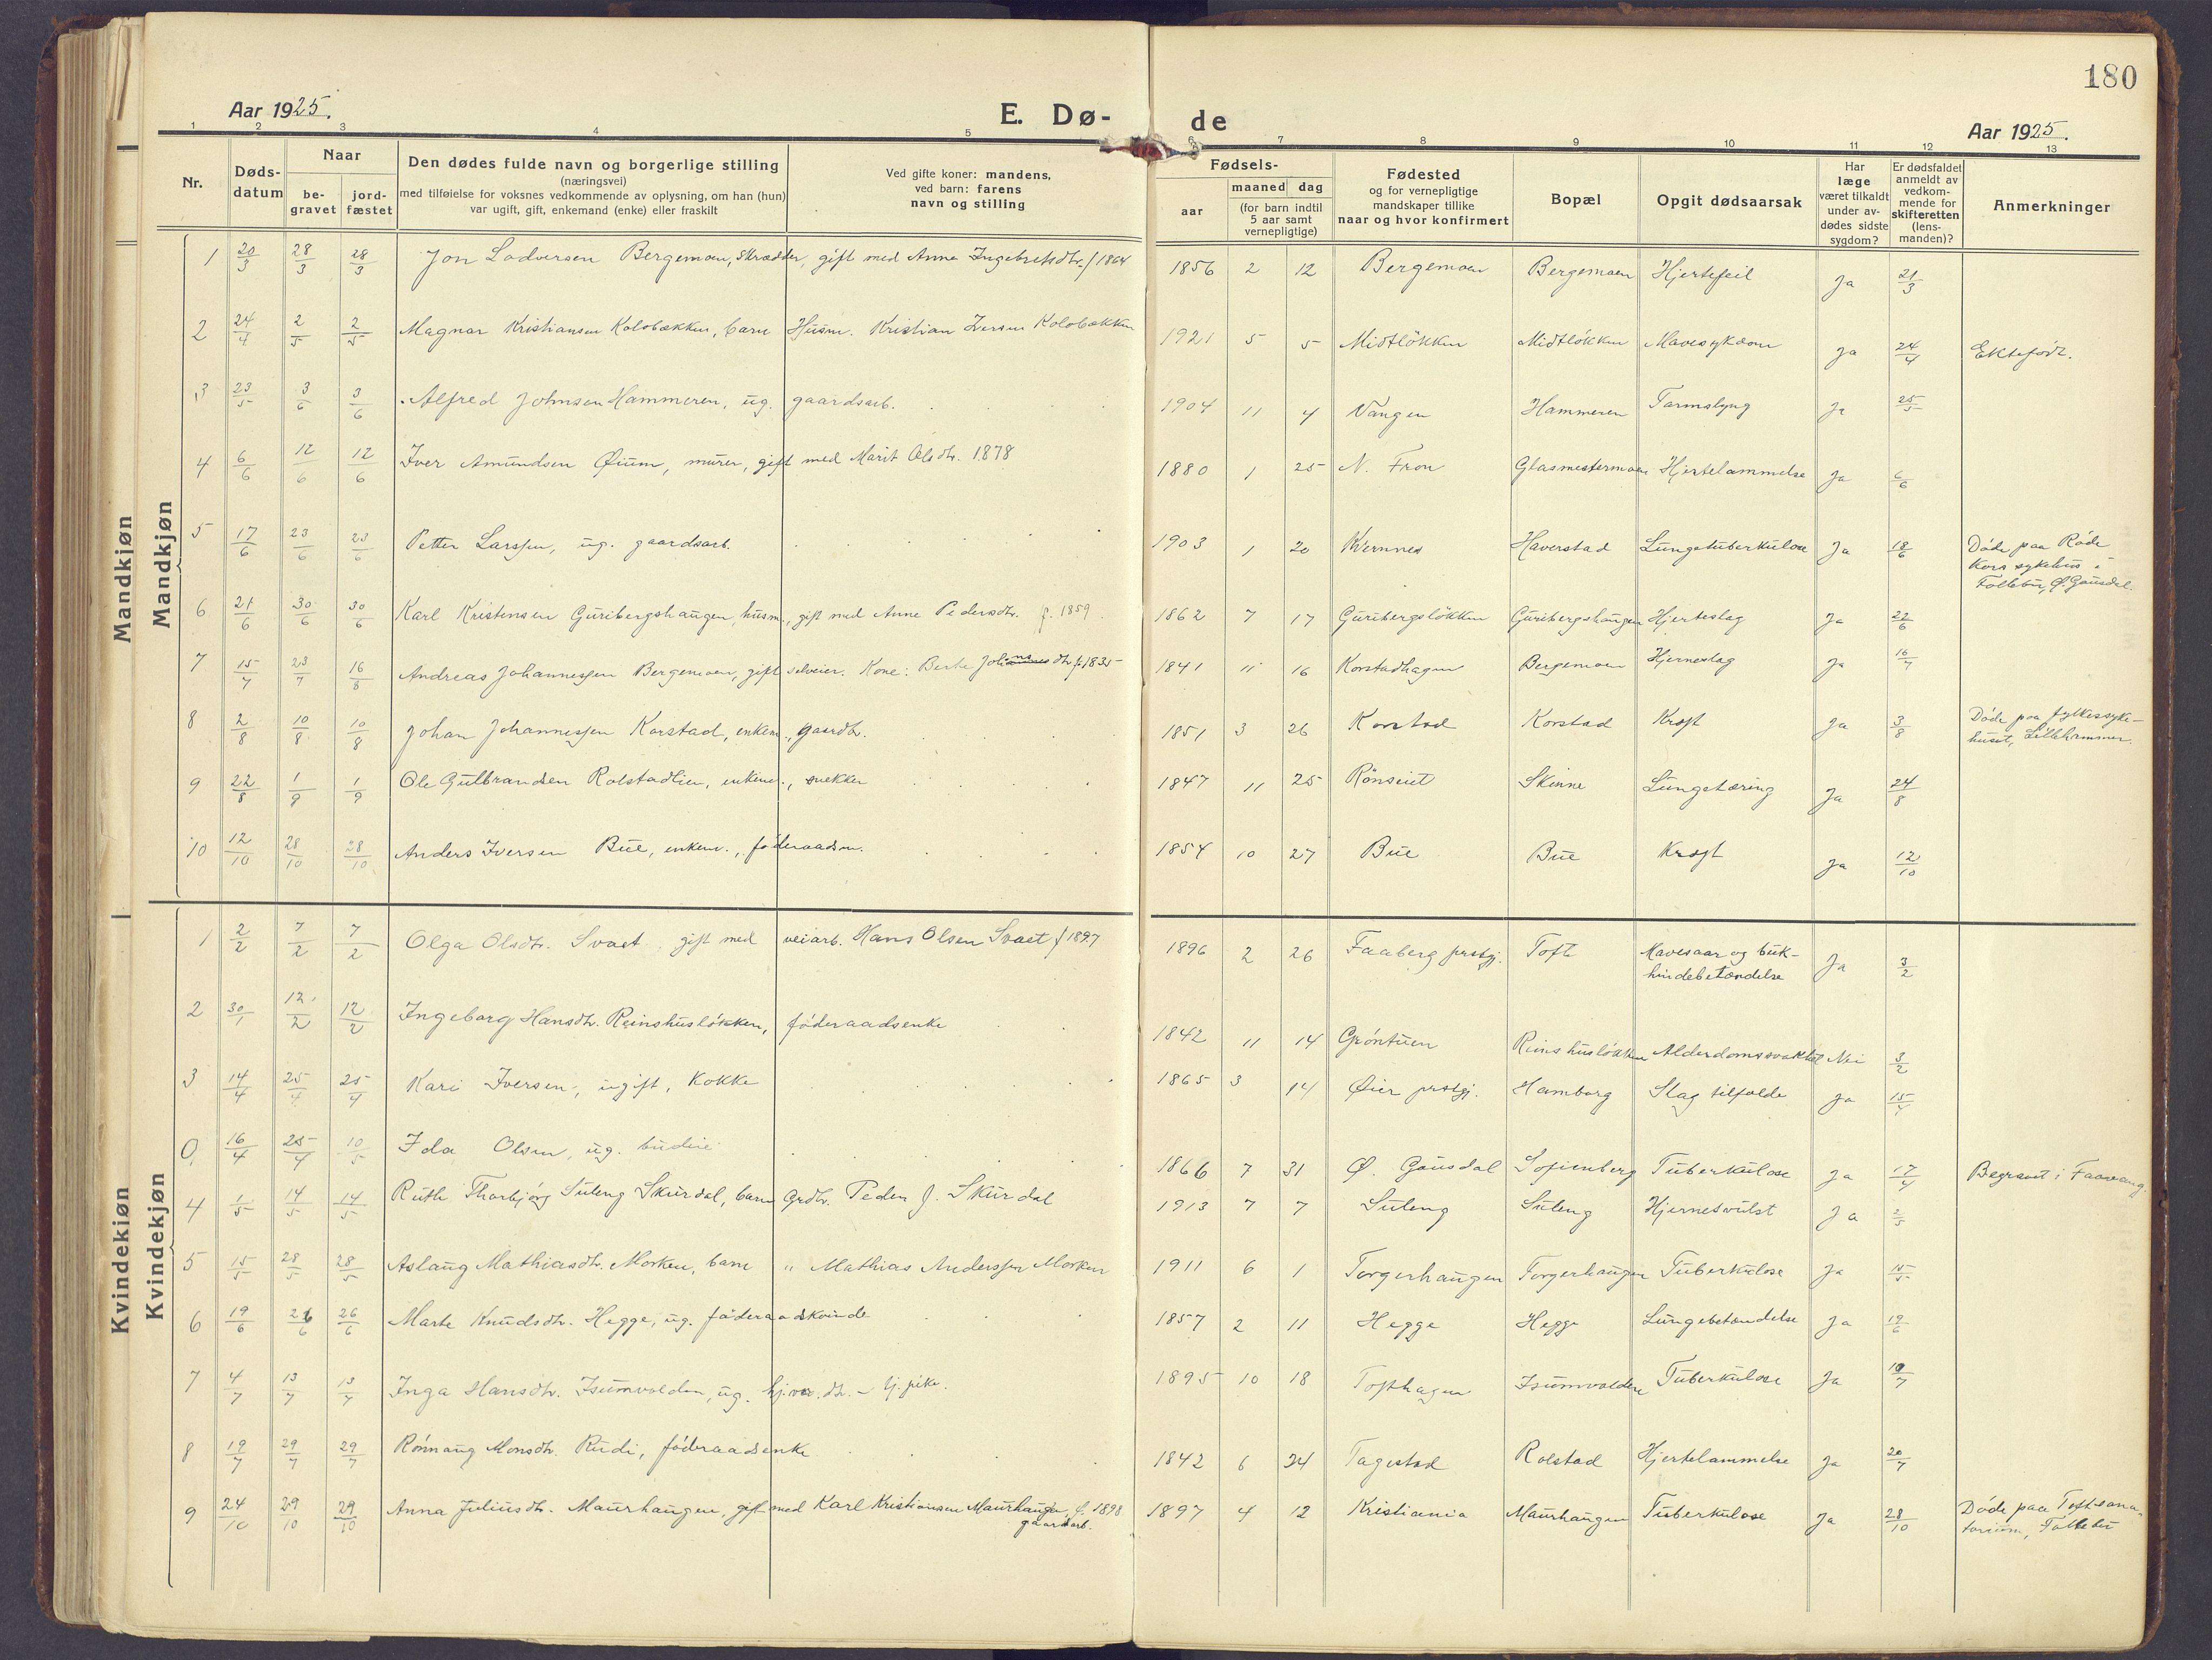 SAH, Sør-Fron prestekontor, H/Ha/Haa/L0005: Ministerialbok nr. 5, 1920-1933, s. 180